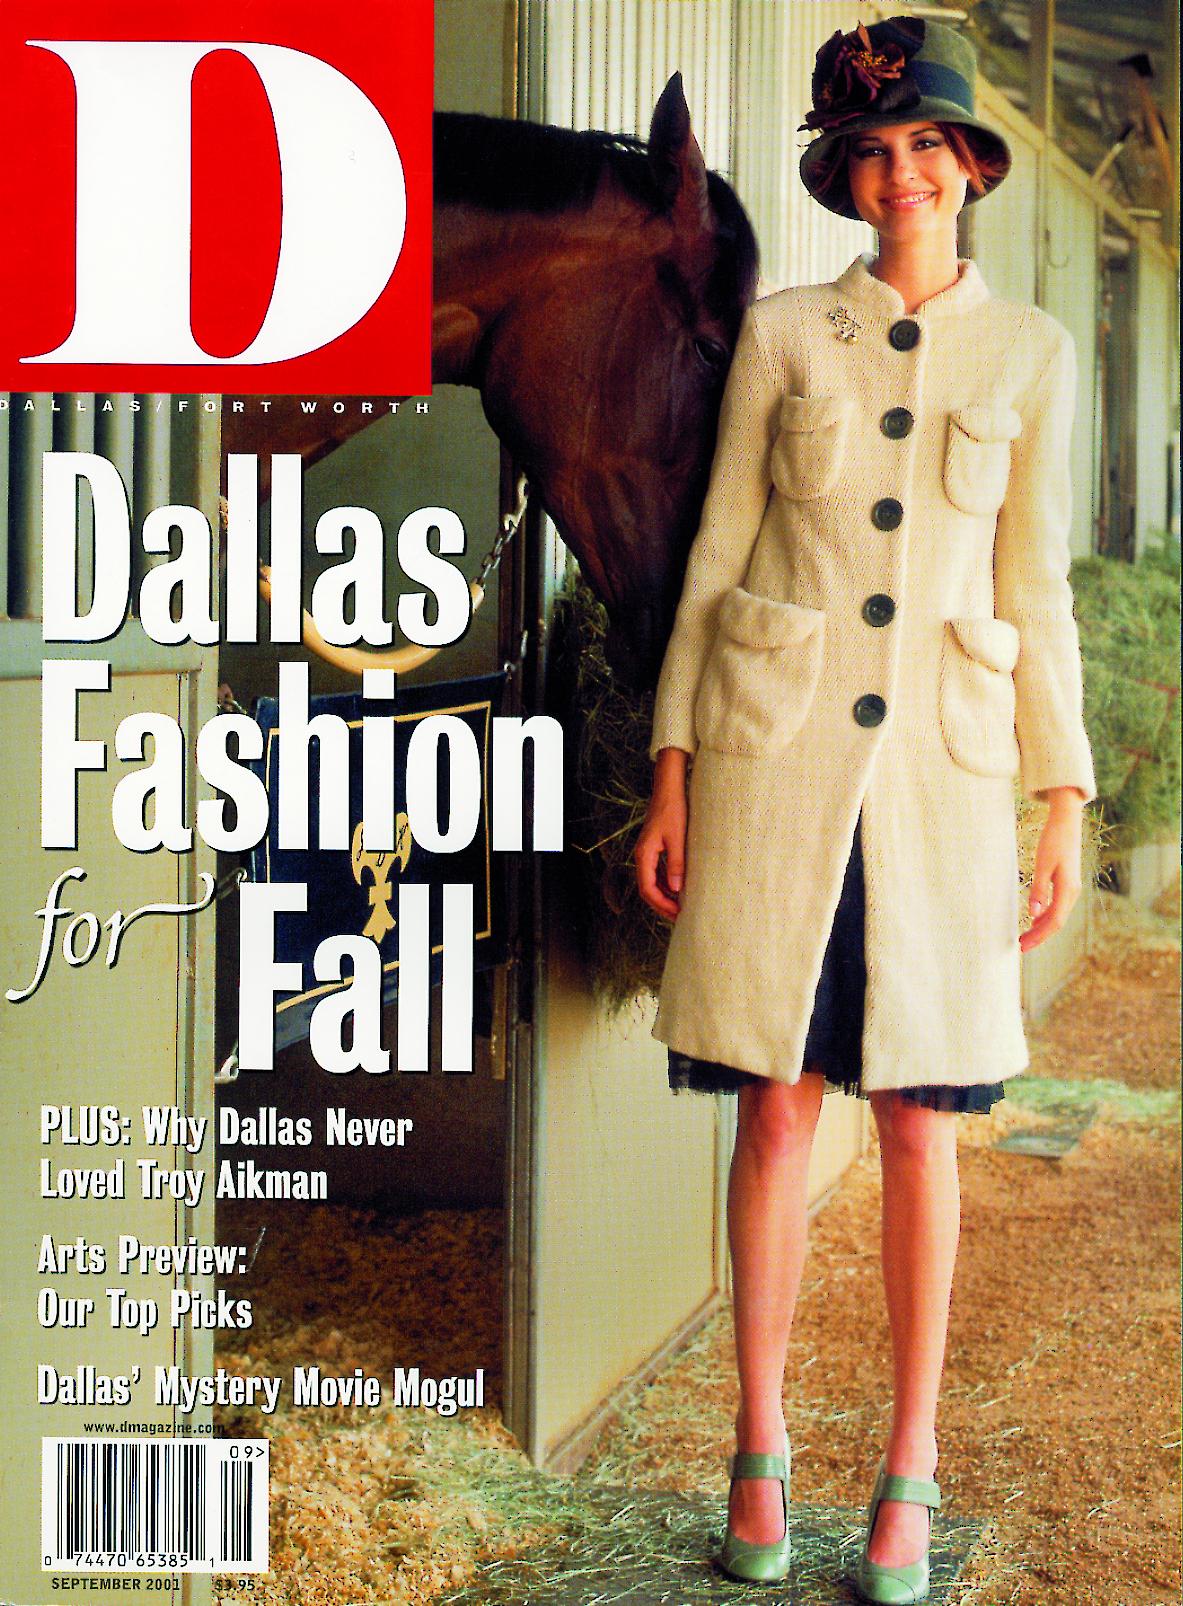 September 2001 cover